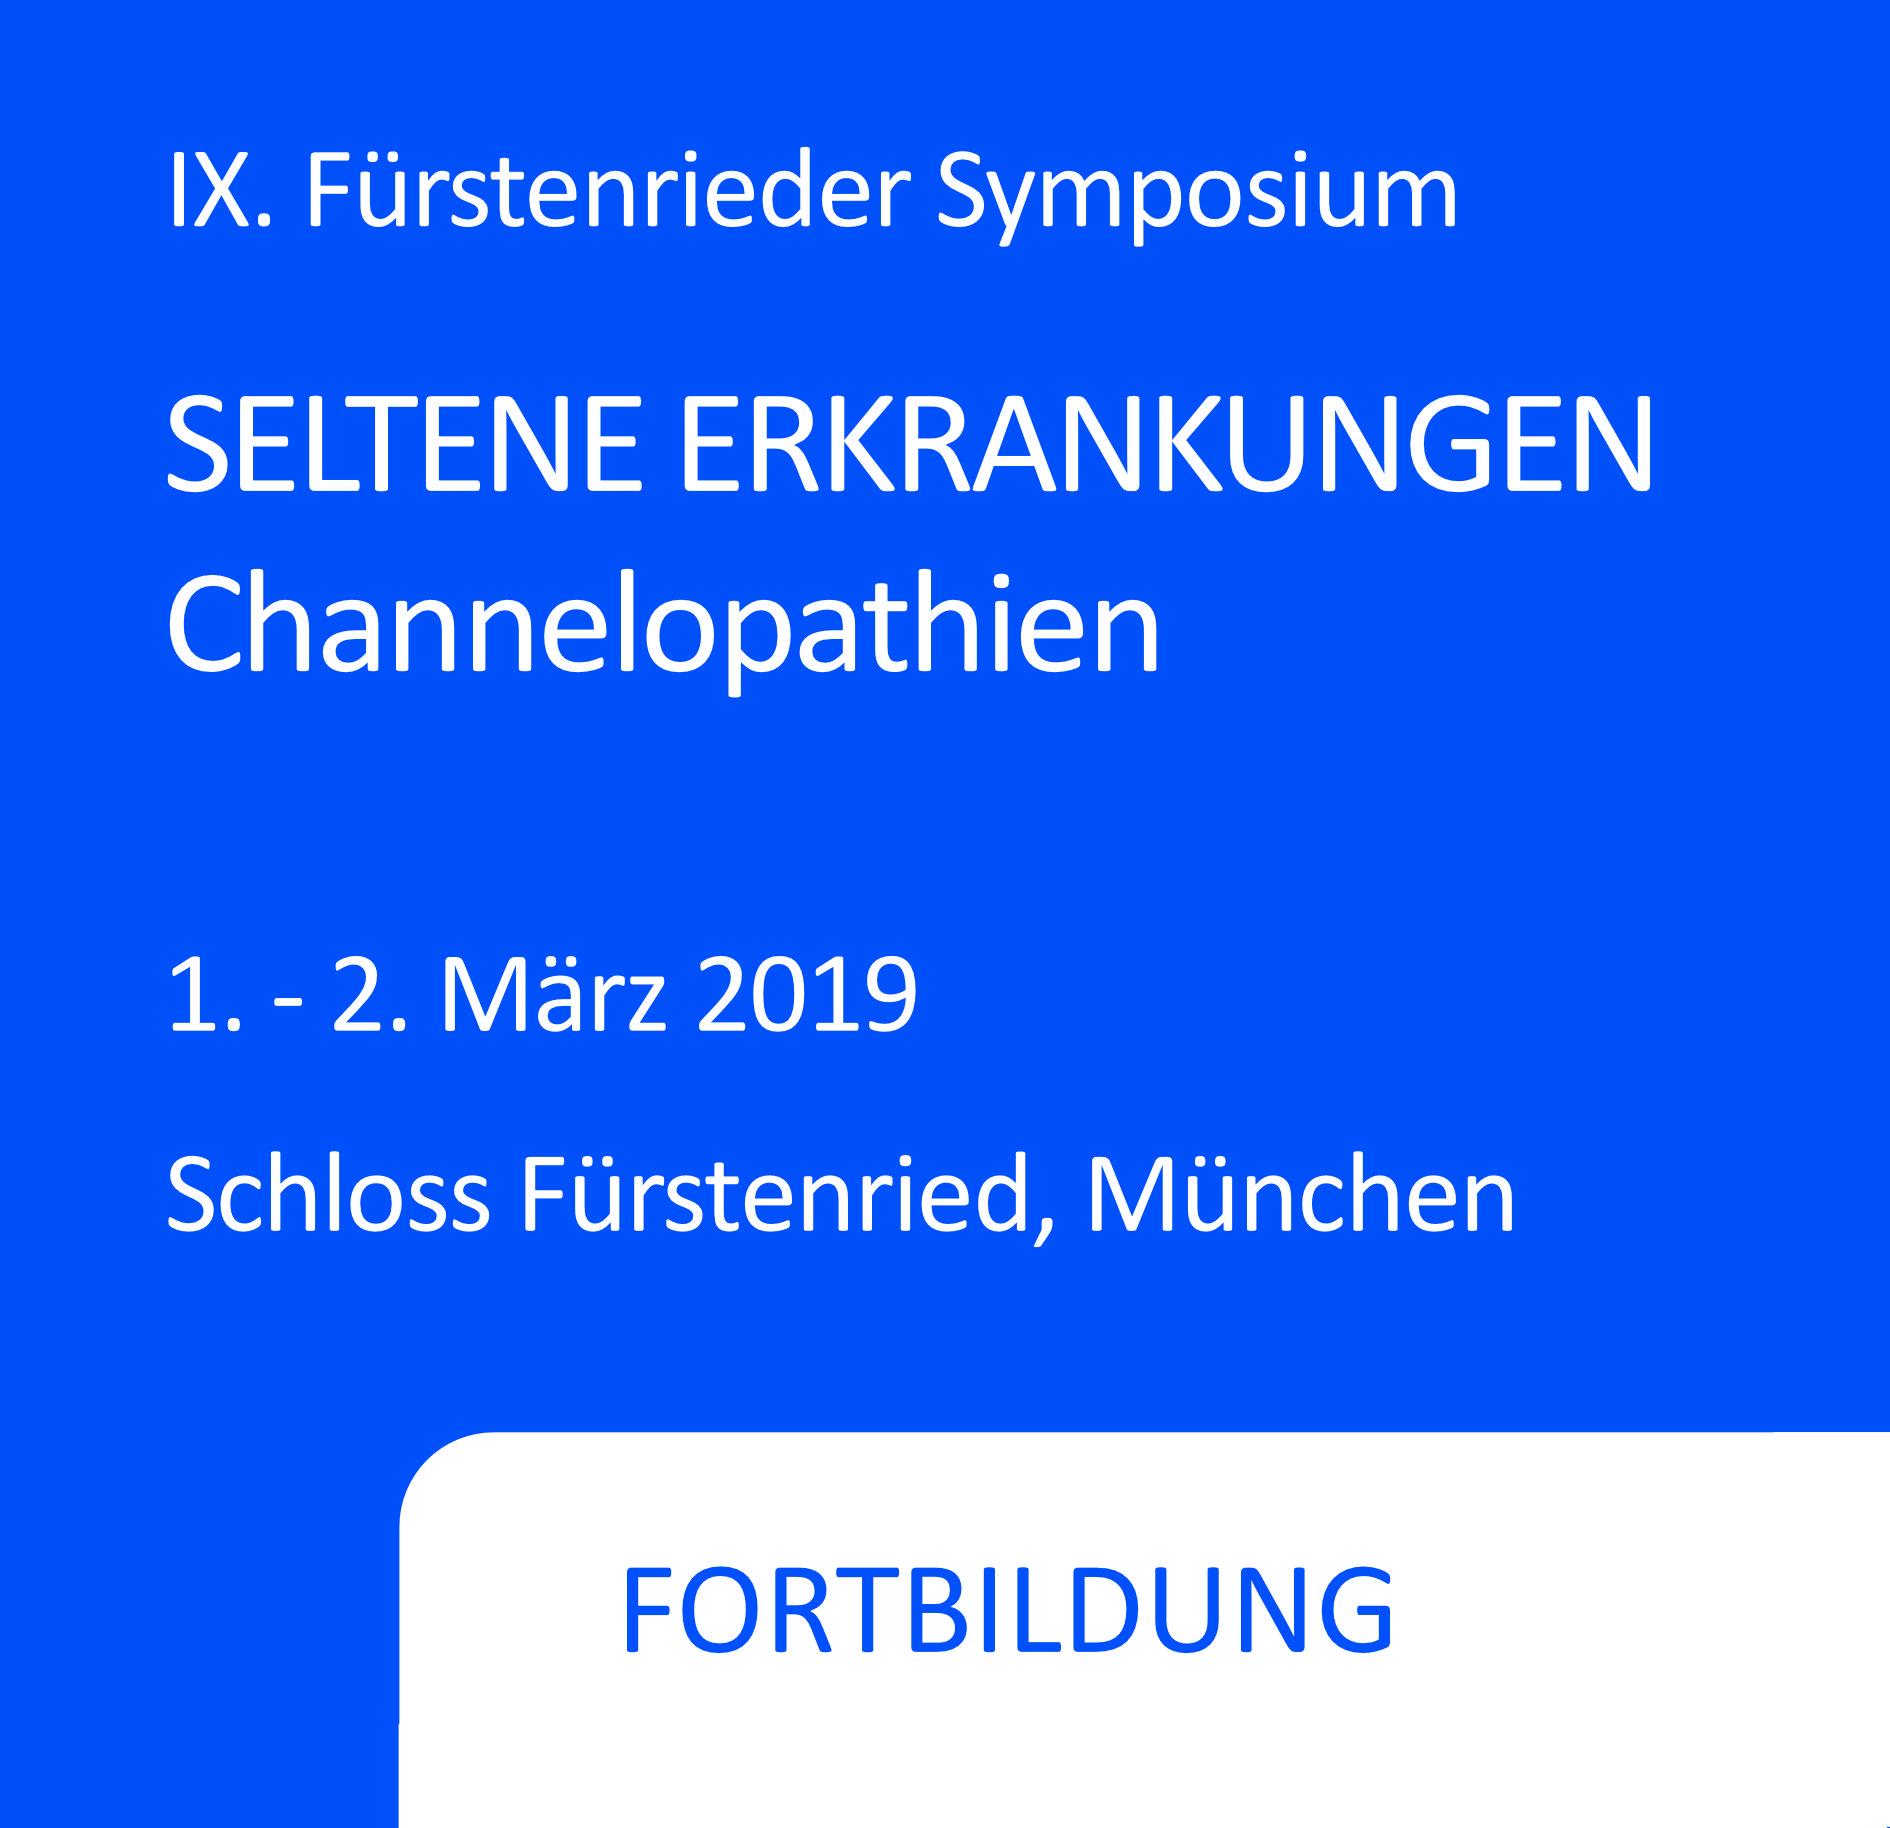 IX. Fürstenrieder Symposium: Seltene Erkrankungen - Channelopathien